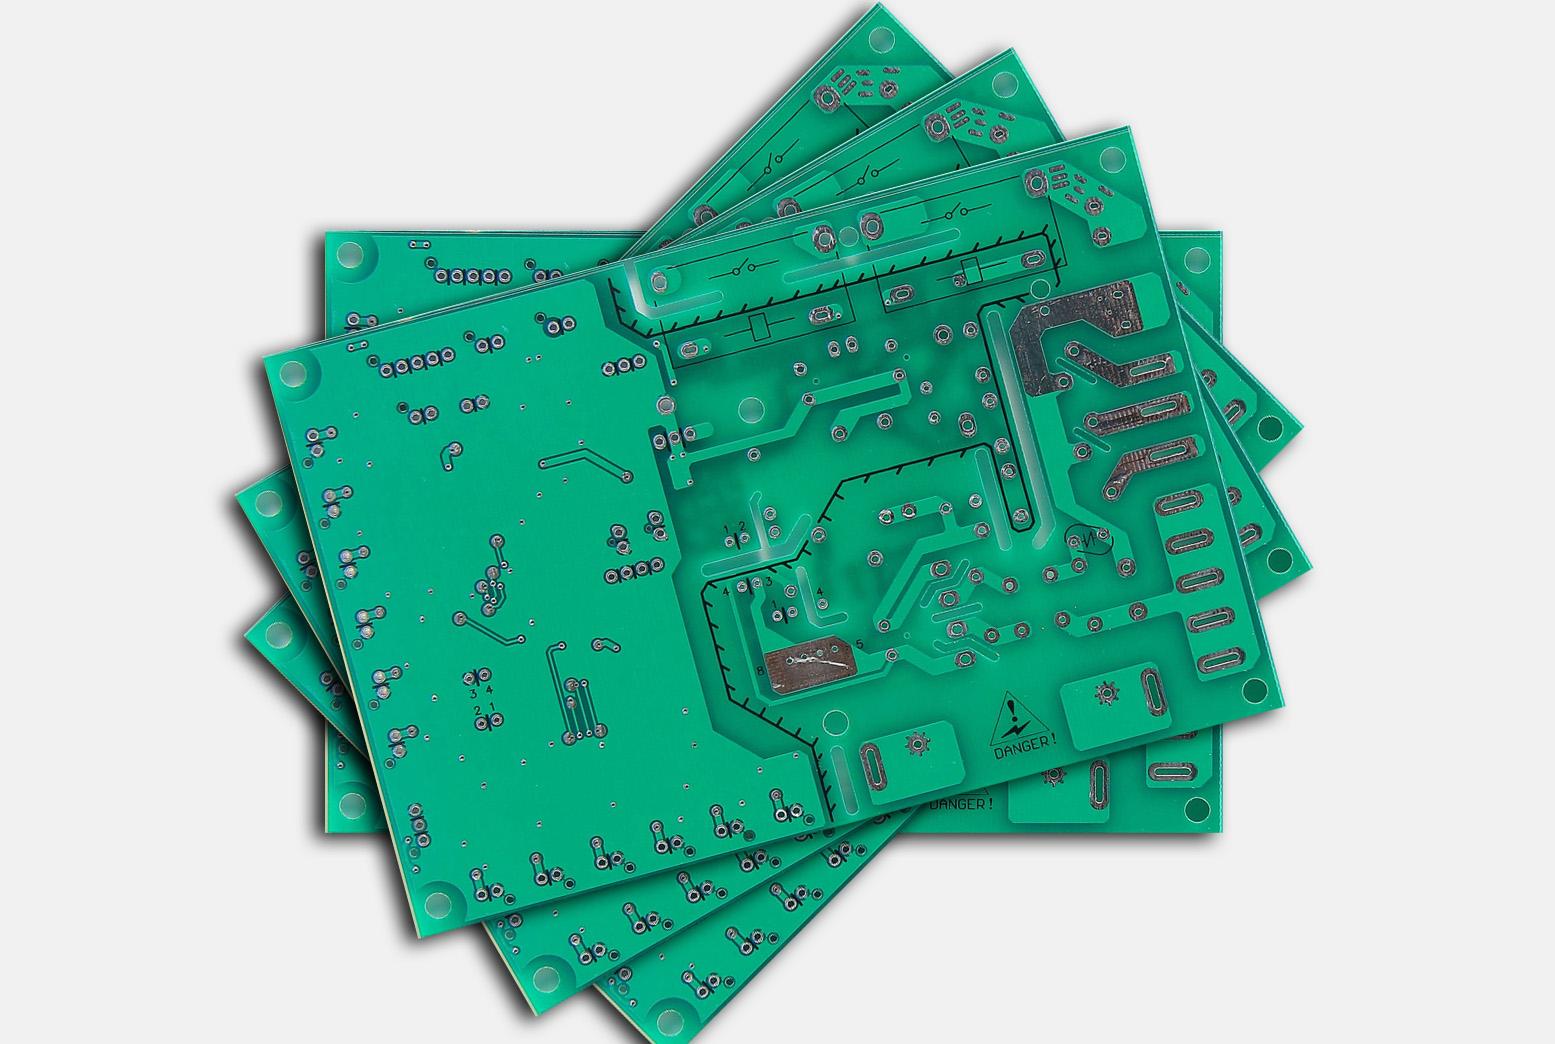 厂家供应高品质 双面沉金板 双面线路板 广东双面线路板 双面板 深圳双面板 双面板生产 双面板加工 东莞双面板生产